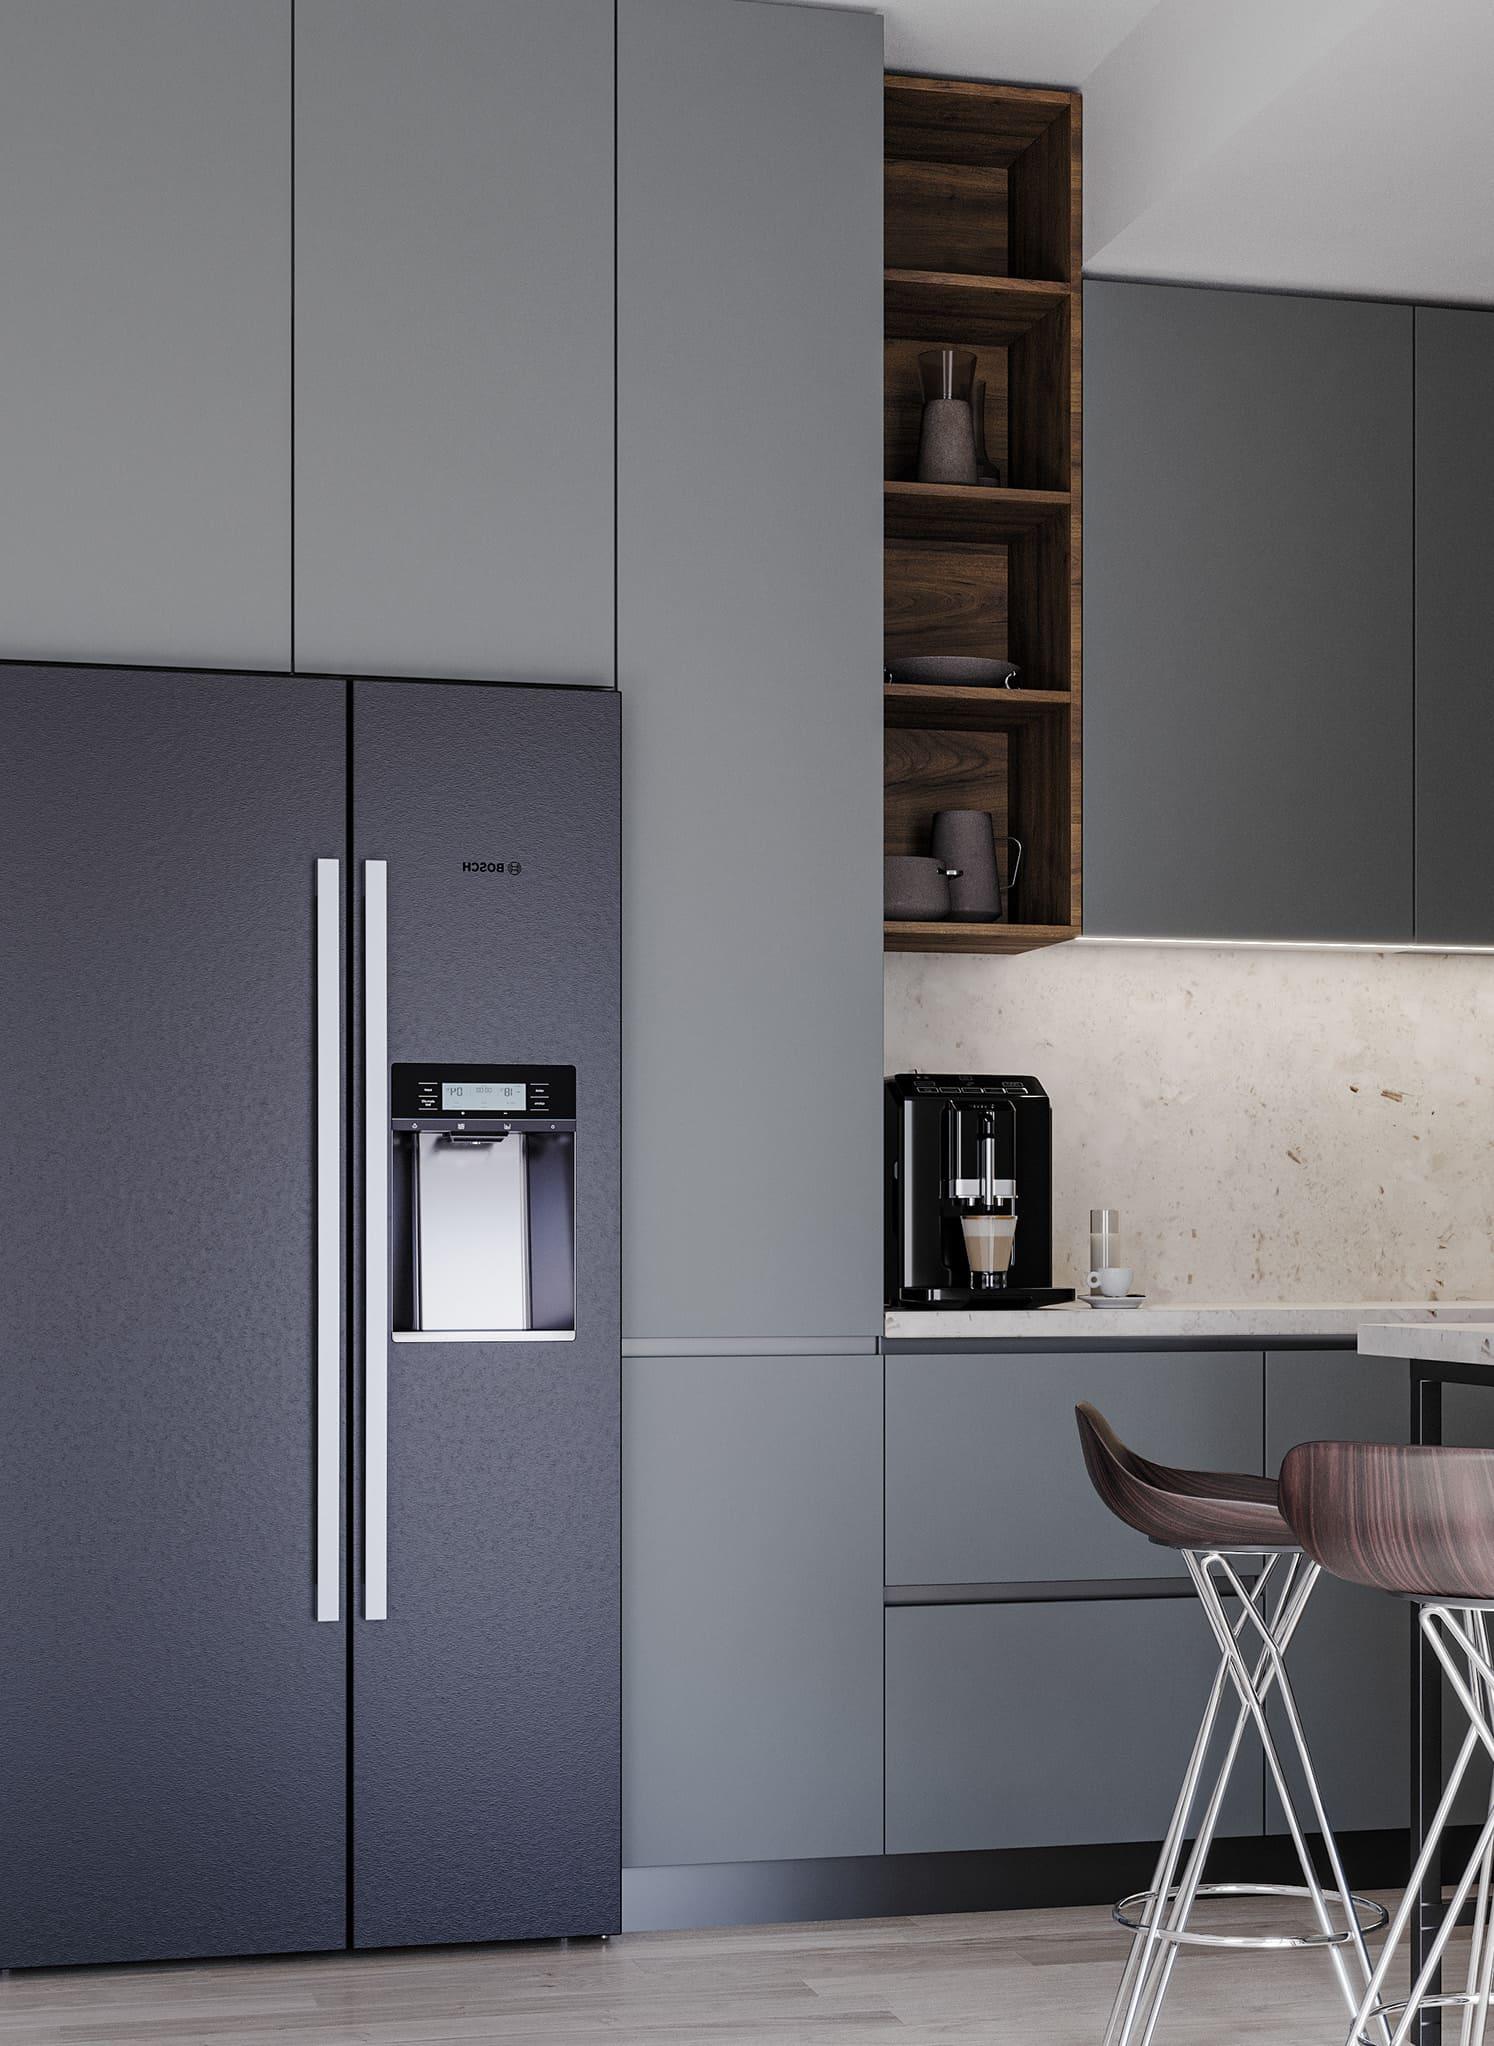 дизайн кухни в современном стиле фото 98